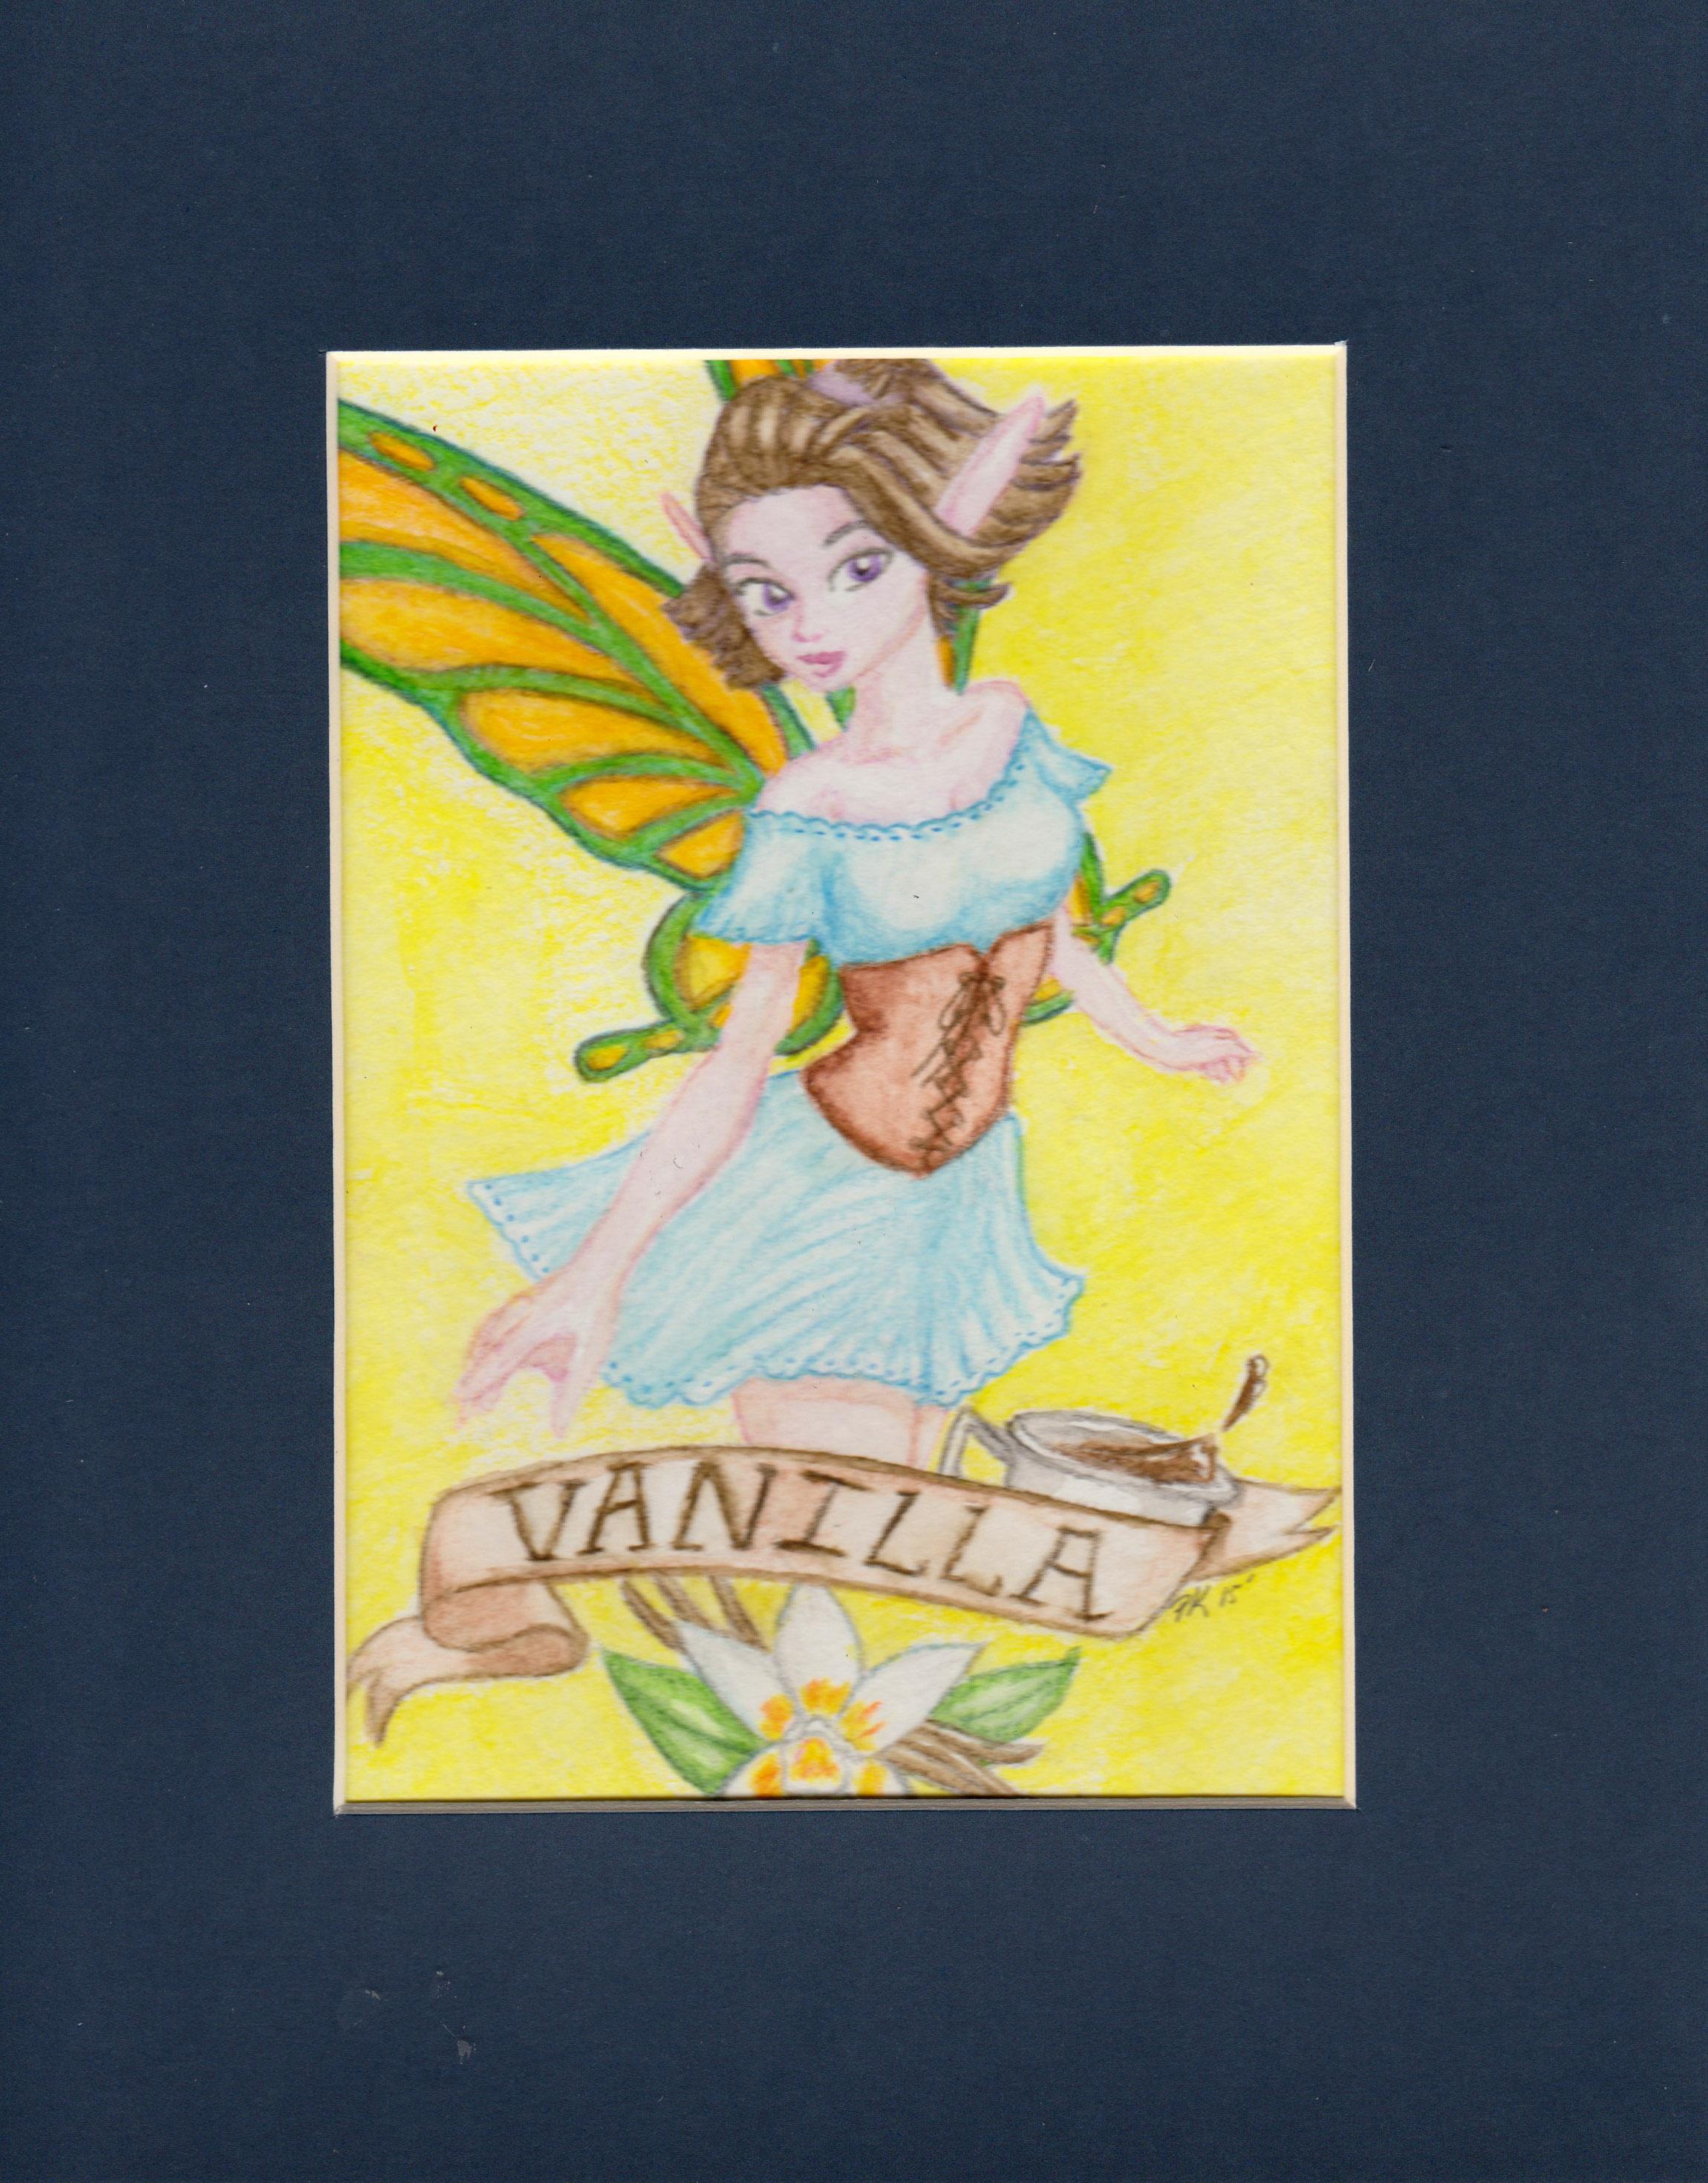 Vanilla Fairy